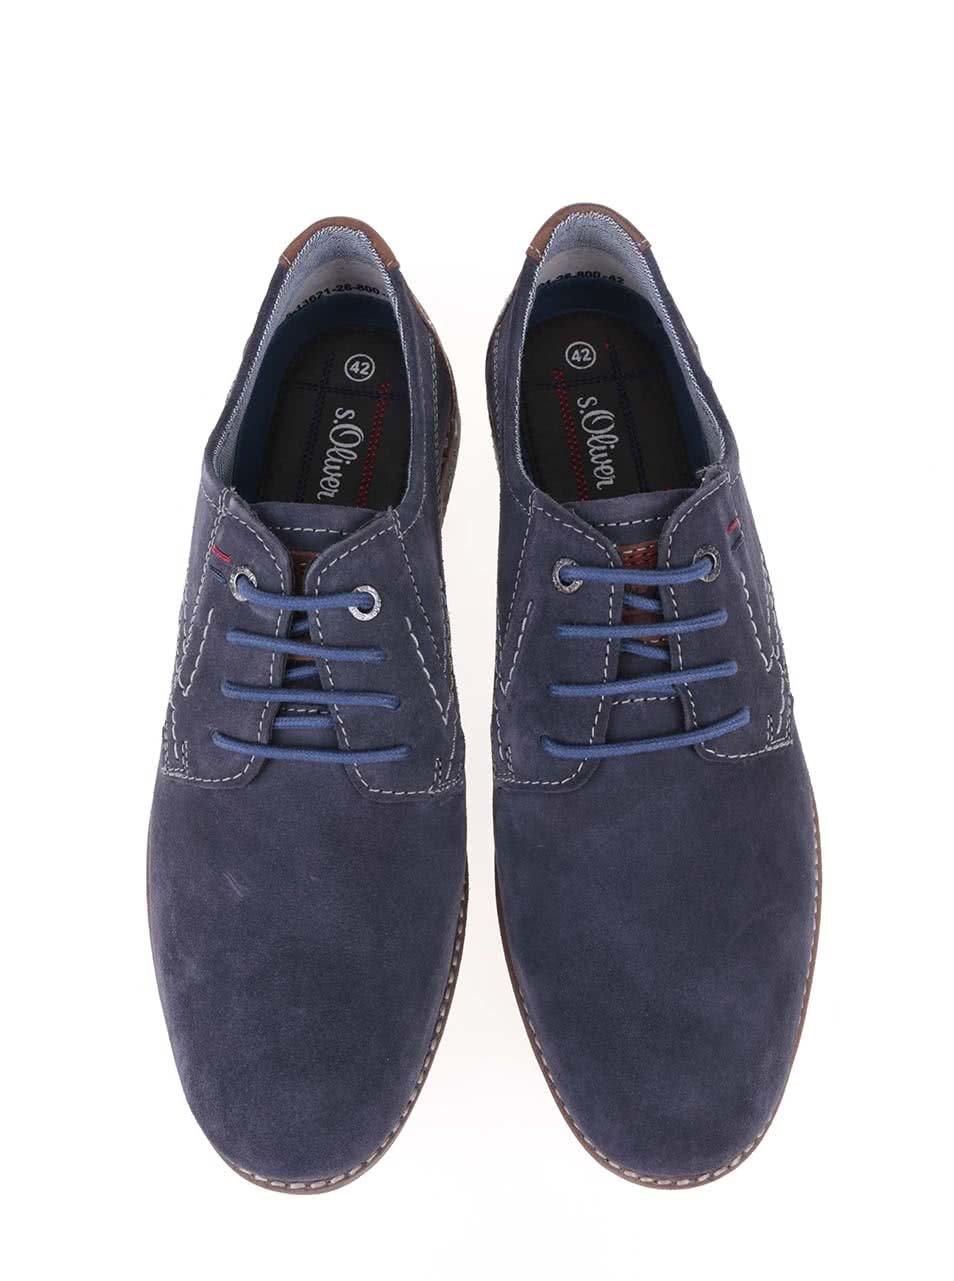 5e0873c2796a Modré pánske kožené poltopánky s hnedým šnurovaním s.Oliver